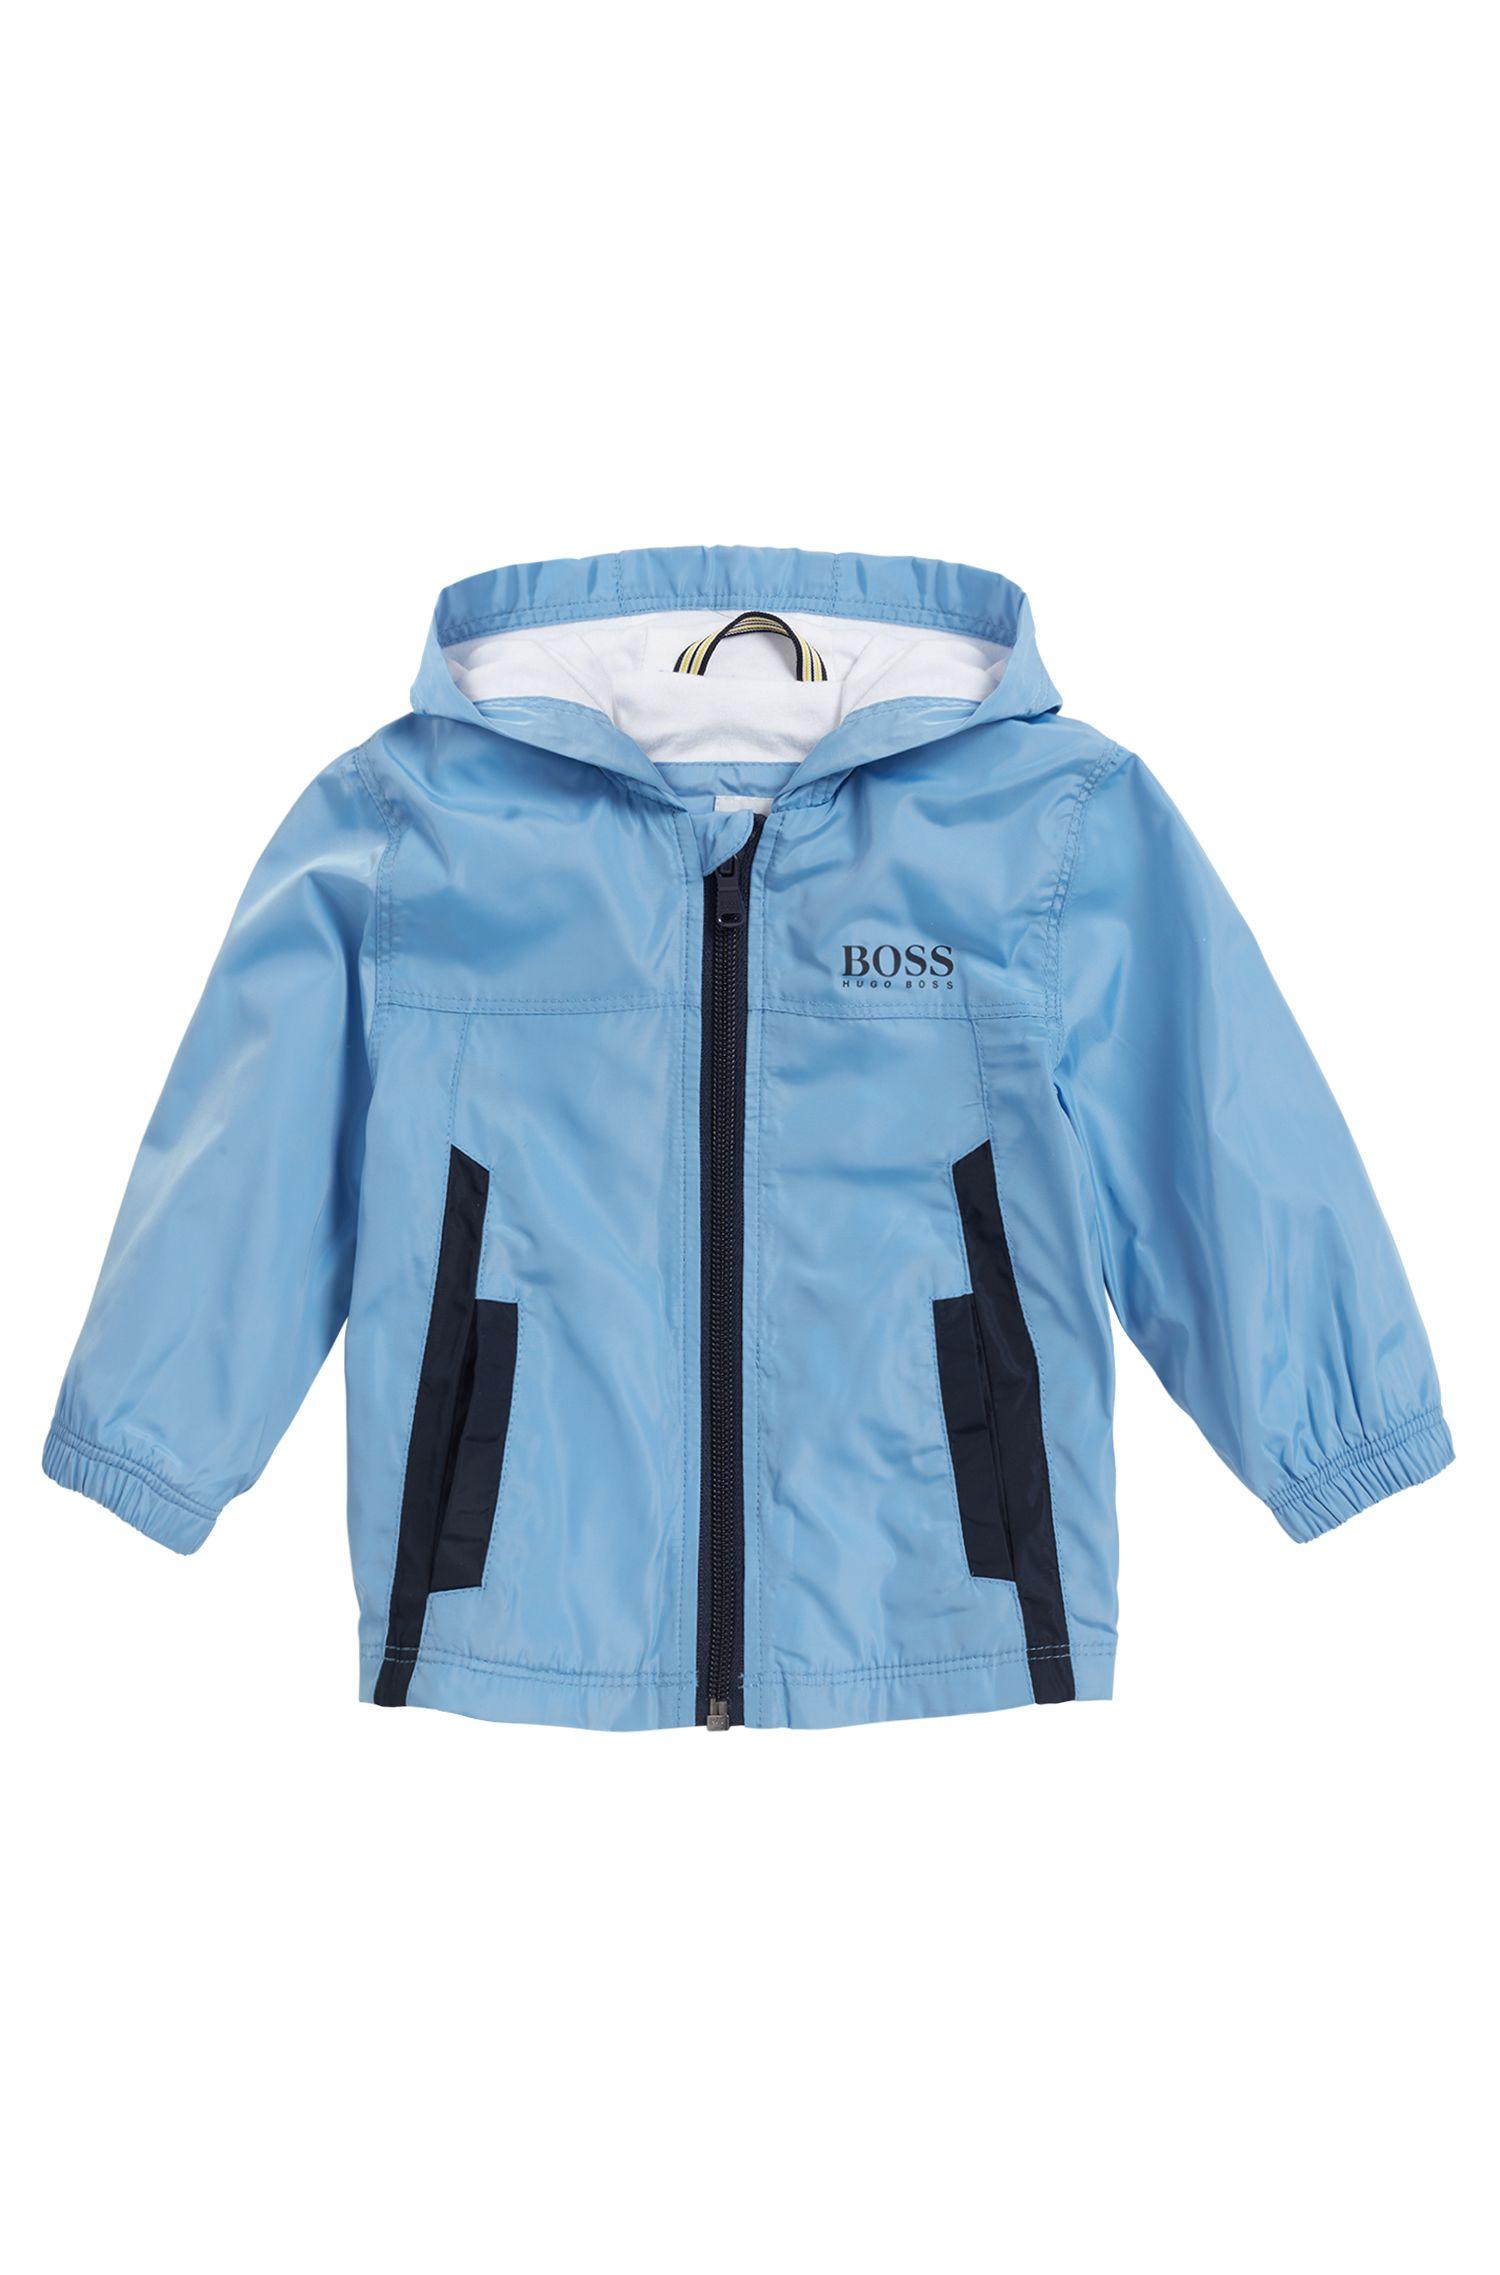 Veste coupe-vent pour enfant avec doublure en jersey de coton